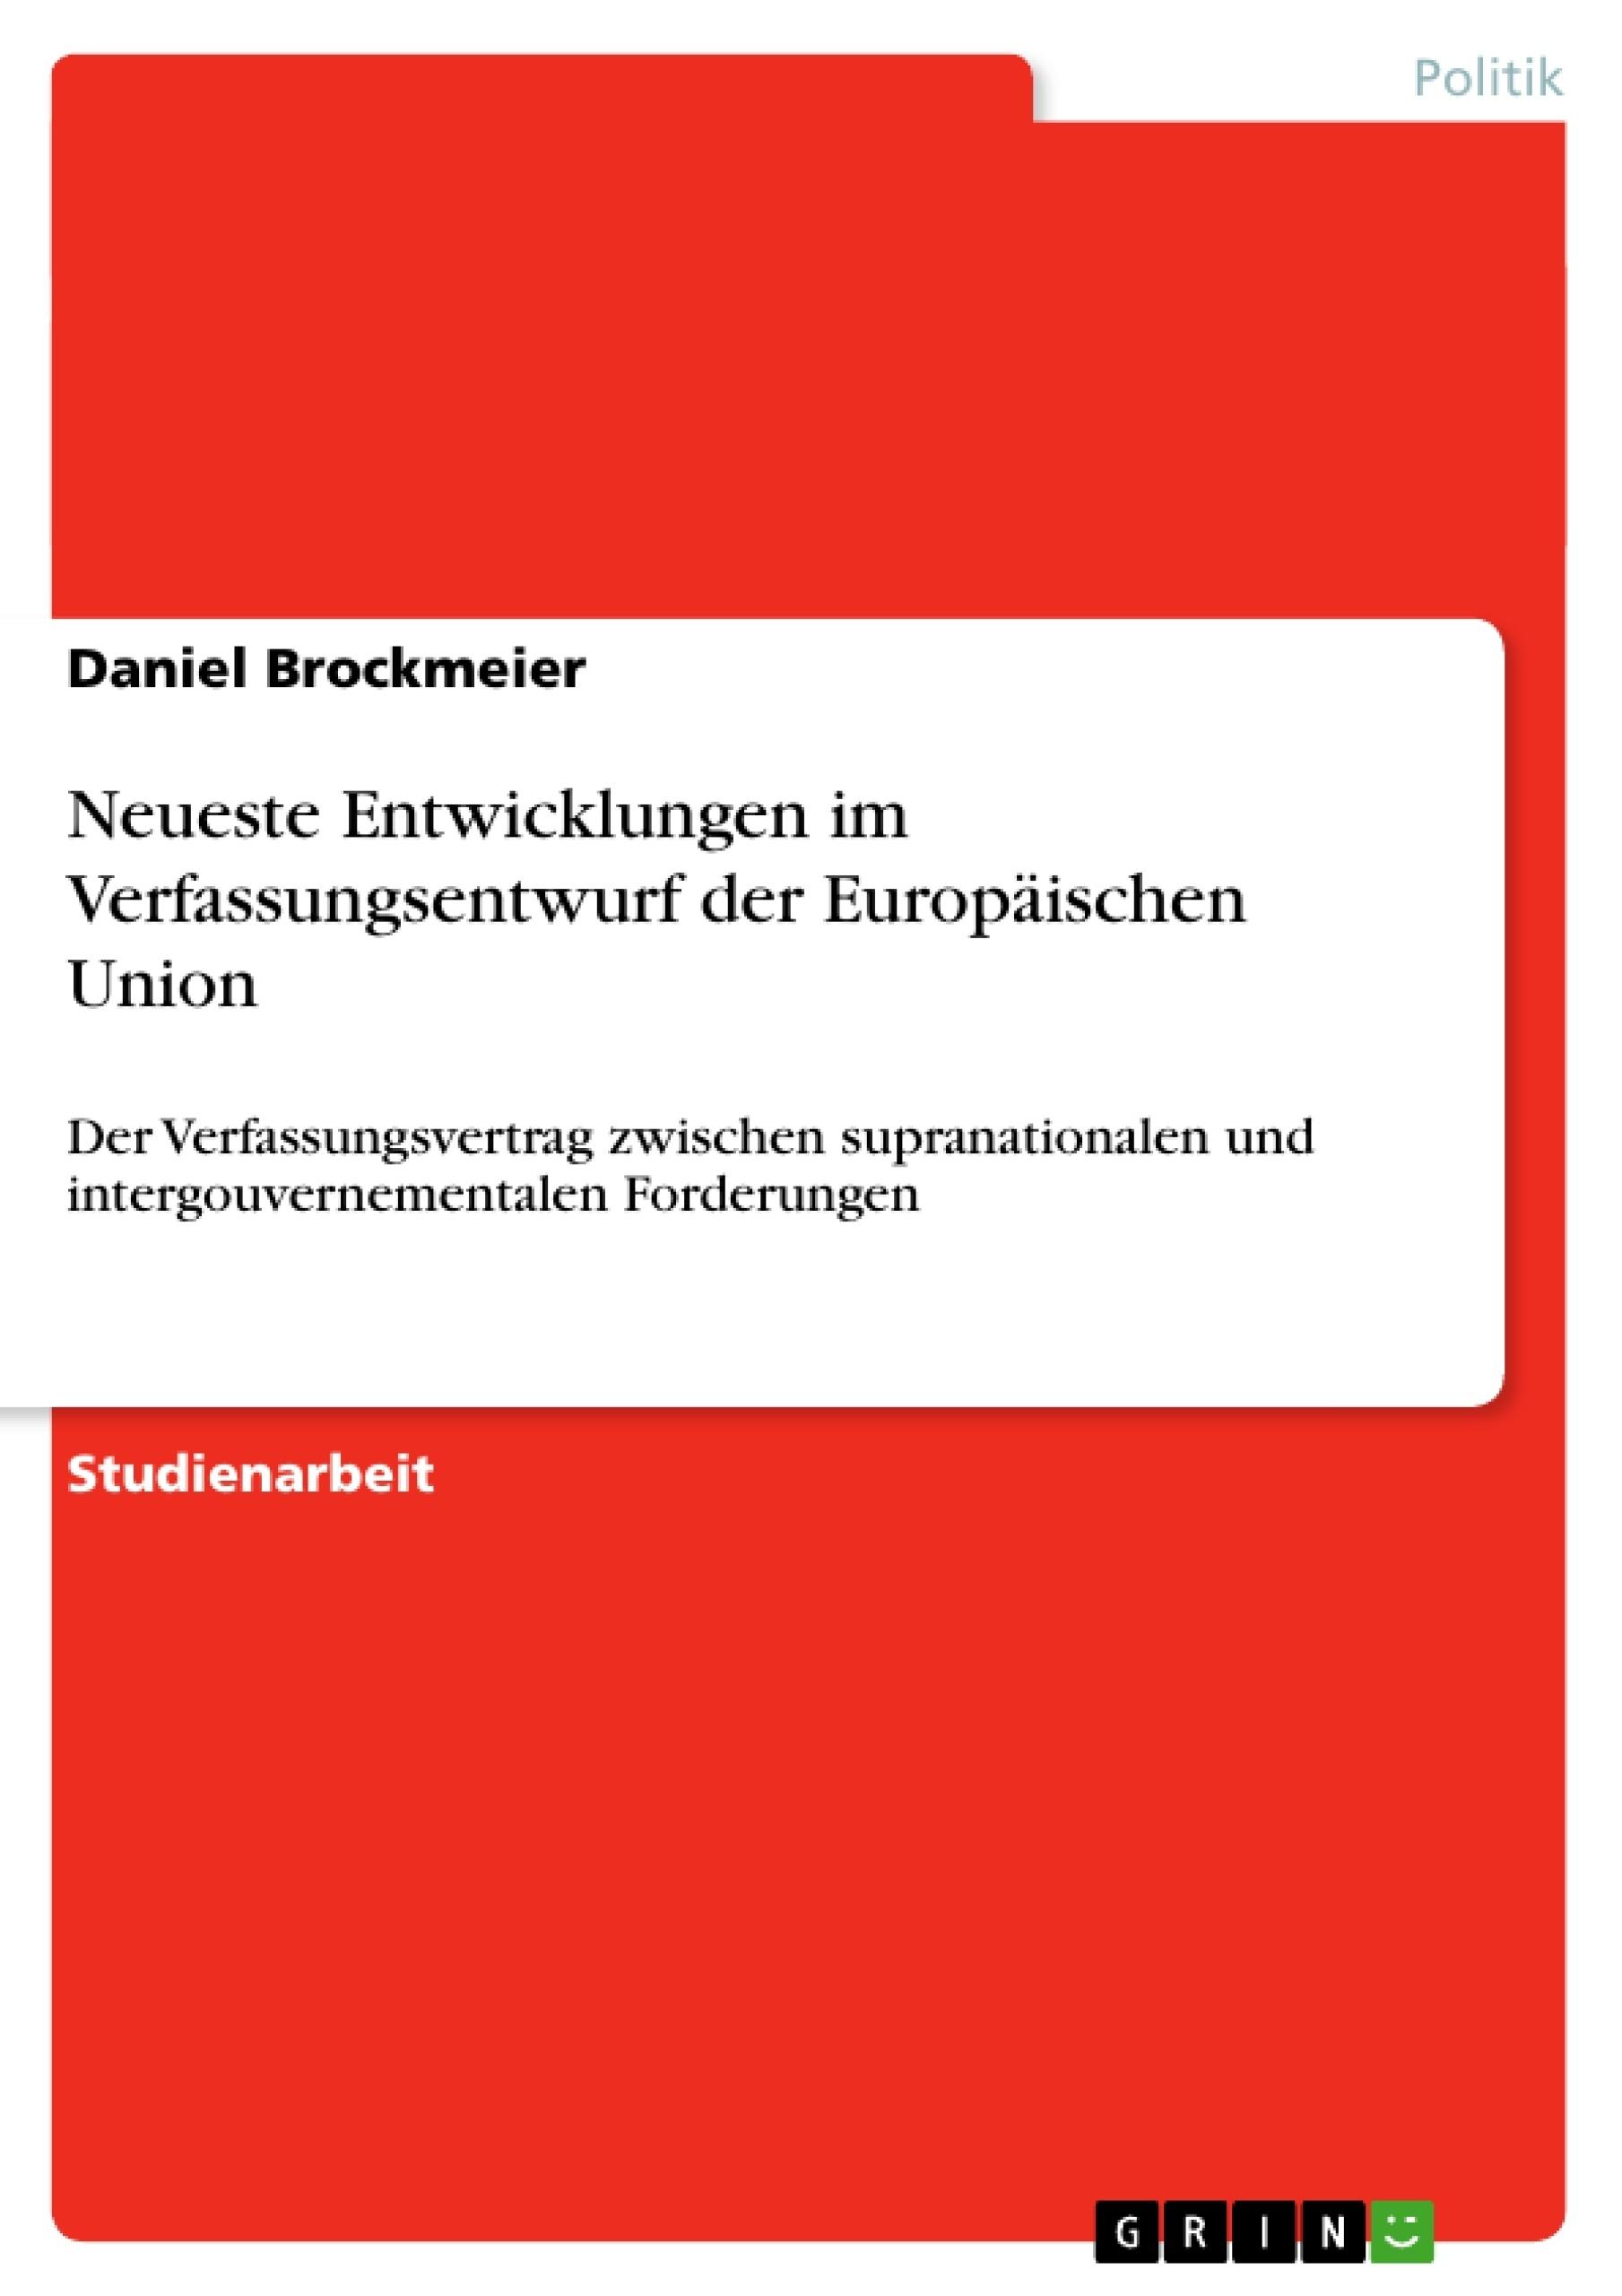 Titel: Neueste Entwicklungen im Verfassungsentwurf der Europäischen Union